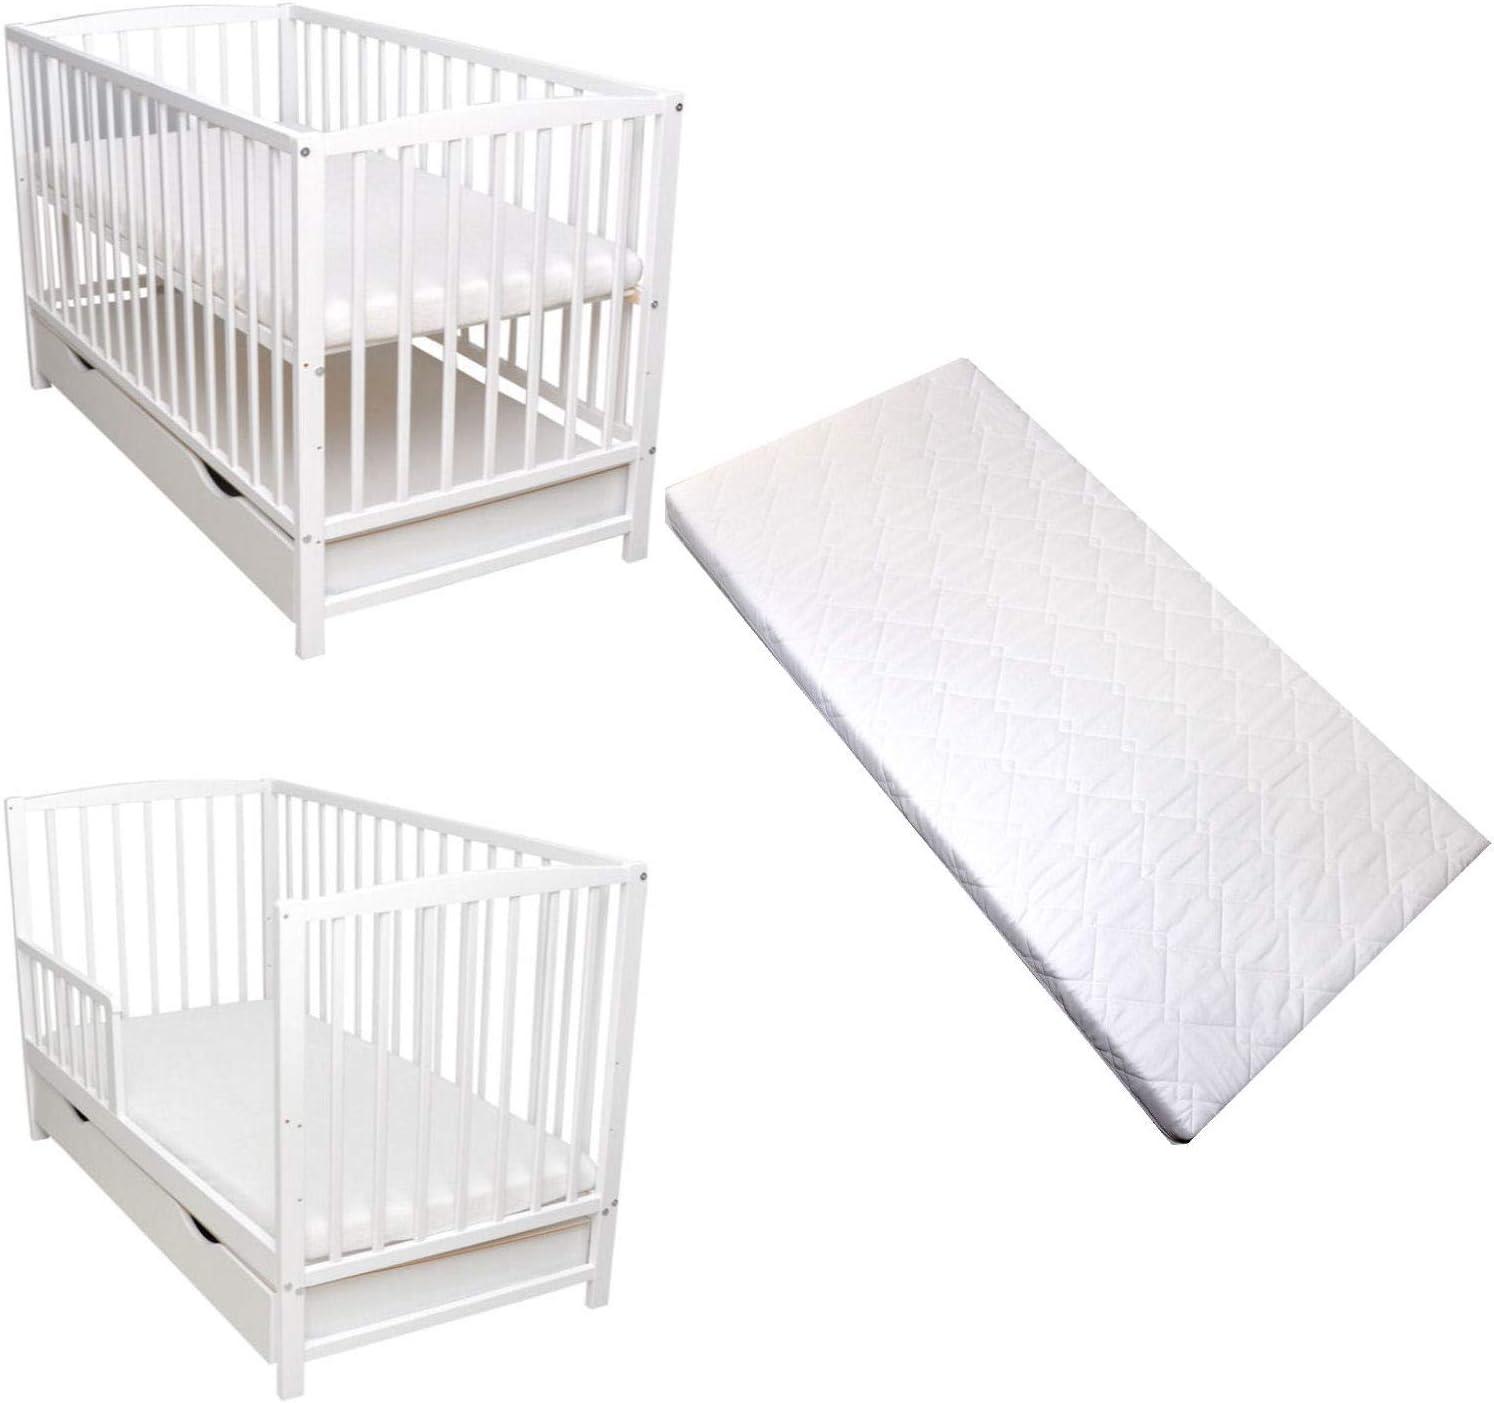 Rundum Barrera de protección para cuna 2 en 1, 120 x 60, color blanco, cómoda, de espuma, convertible en cajón de cama infantil